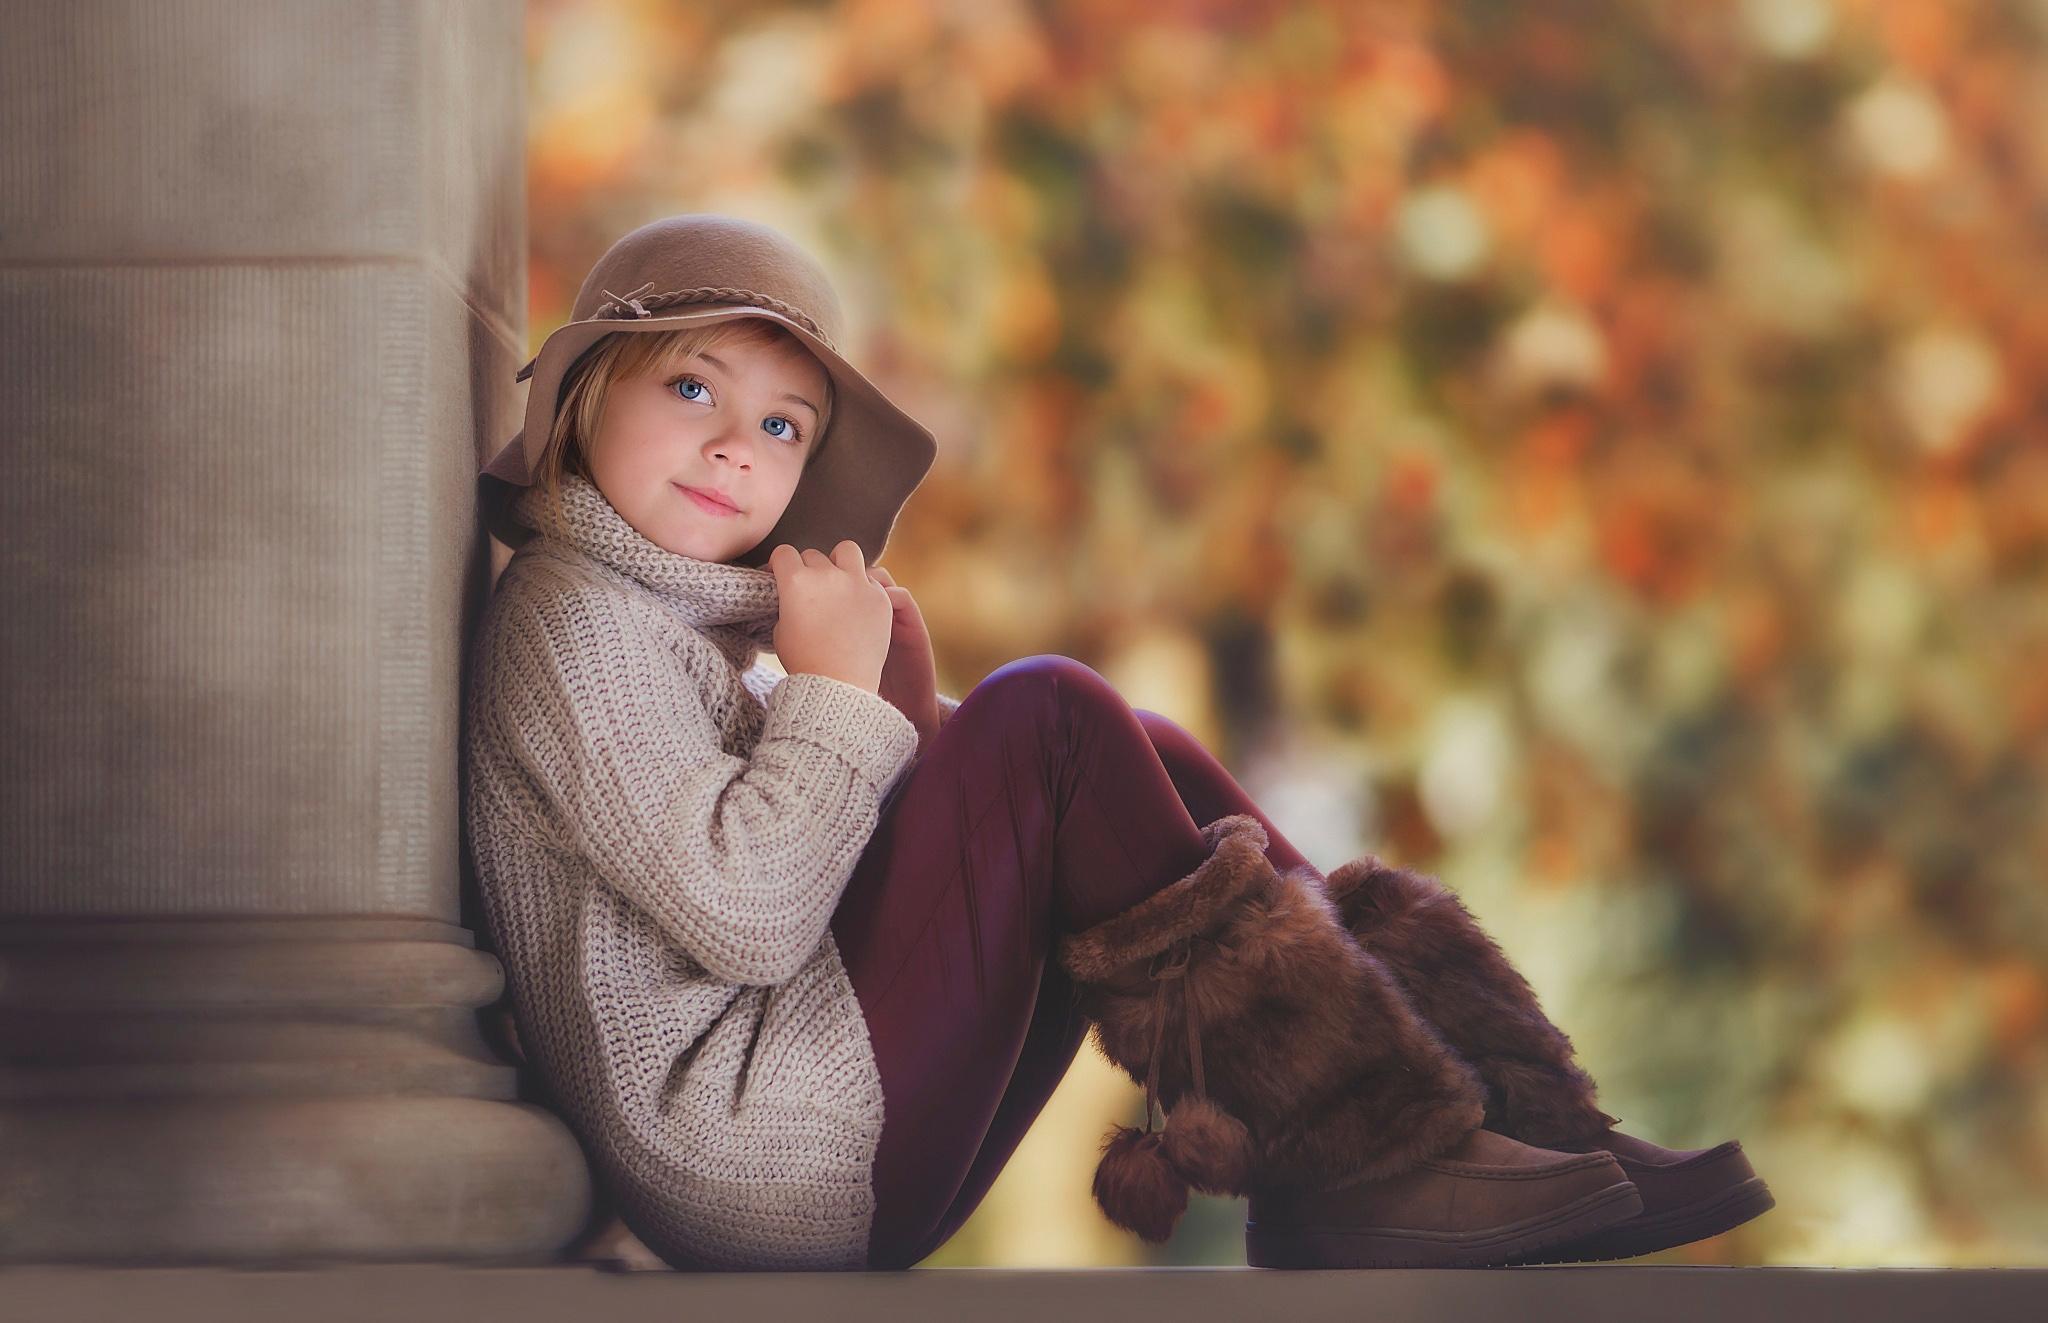 صور بنات صغار 2016 جميلة ورقيقة احلي بنات صغيرة (24)